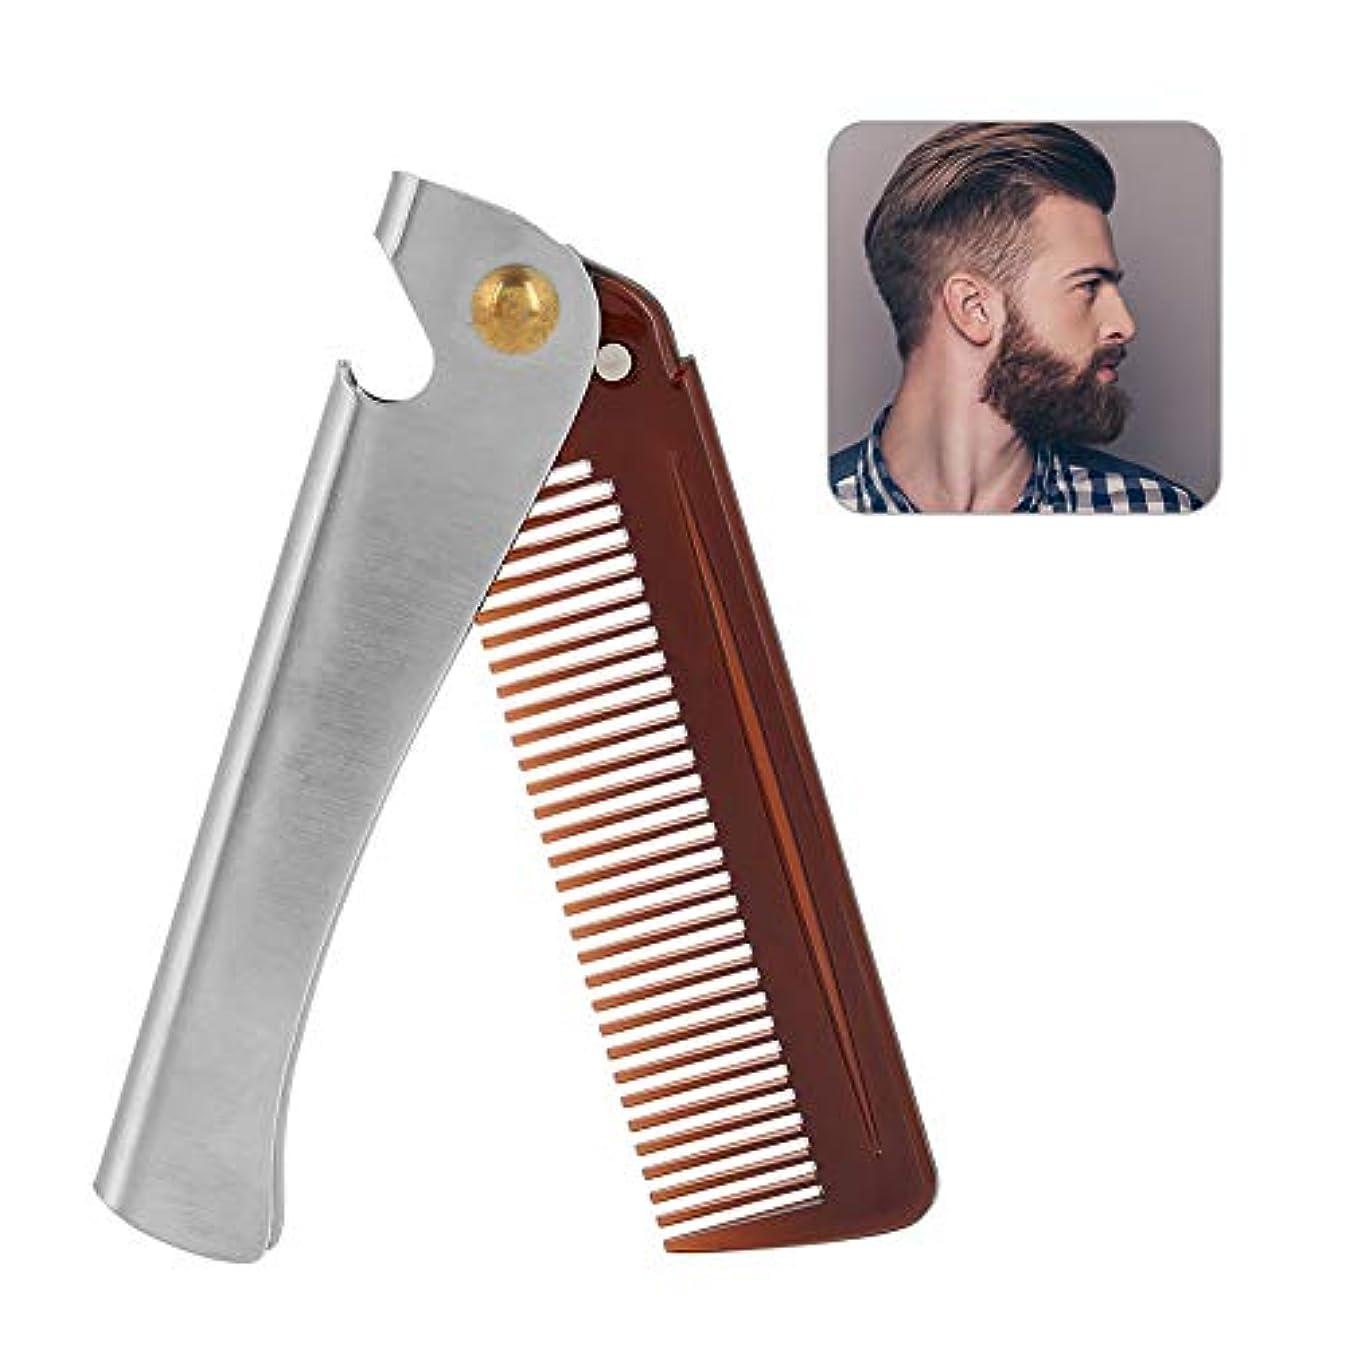 優先とにかく熟す男性用のひげとヘアケア折りたたみ櫛と春押しボタン